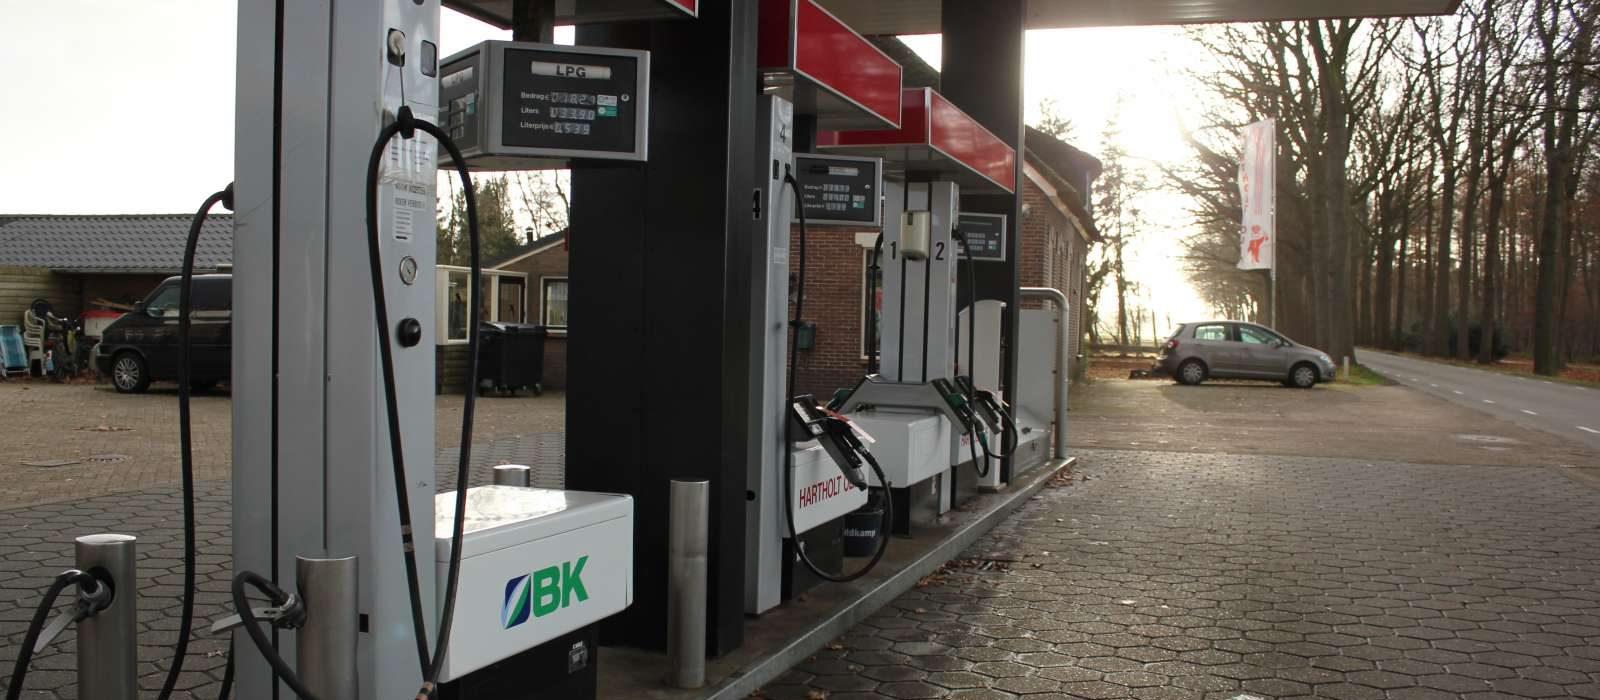 Hartholt Olie benzinepomp Letele